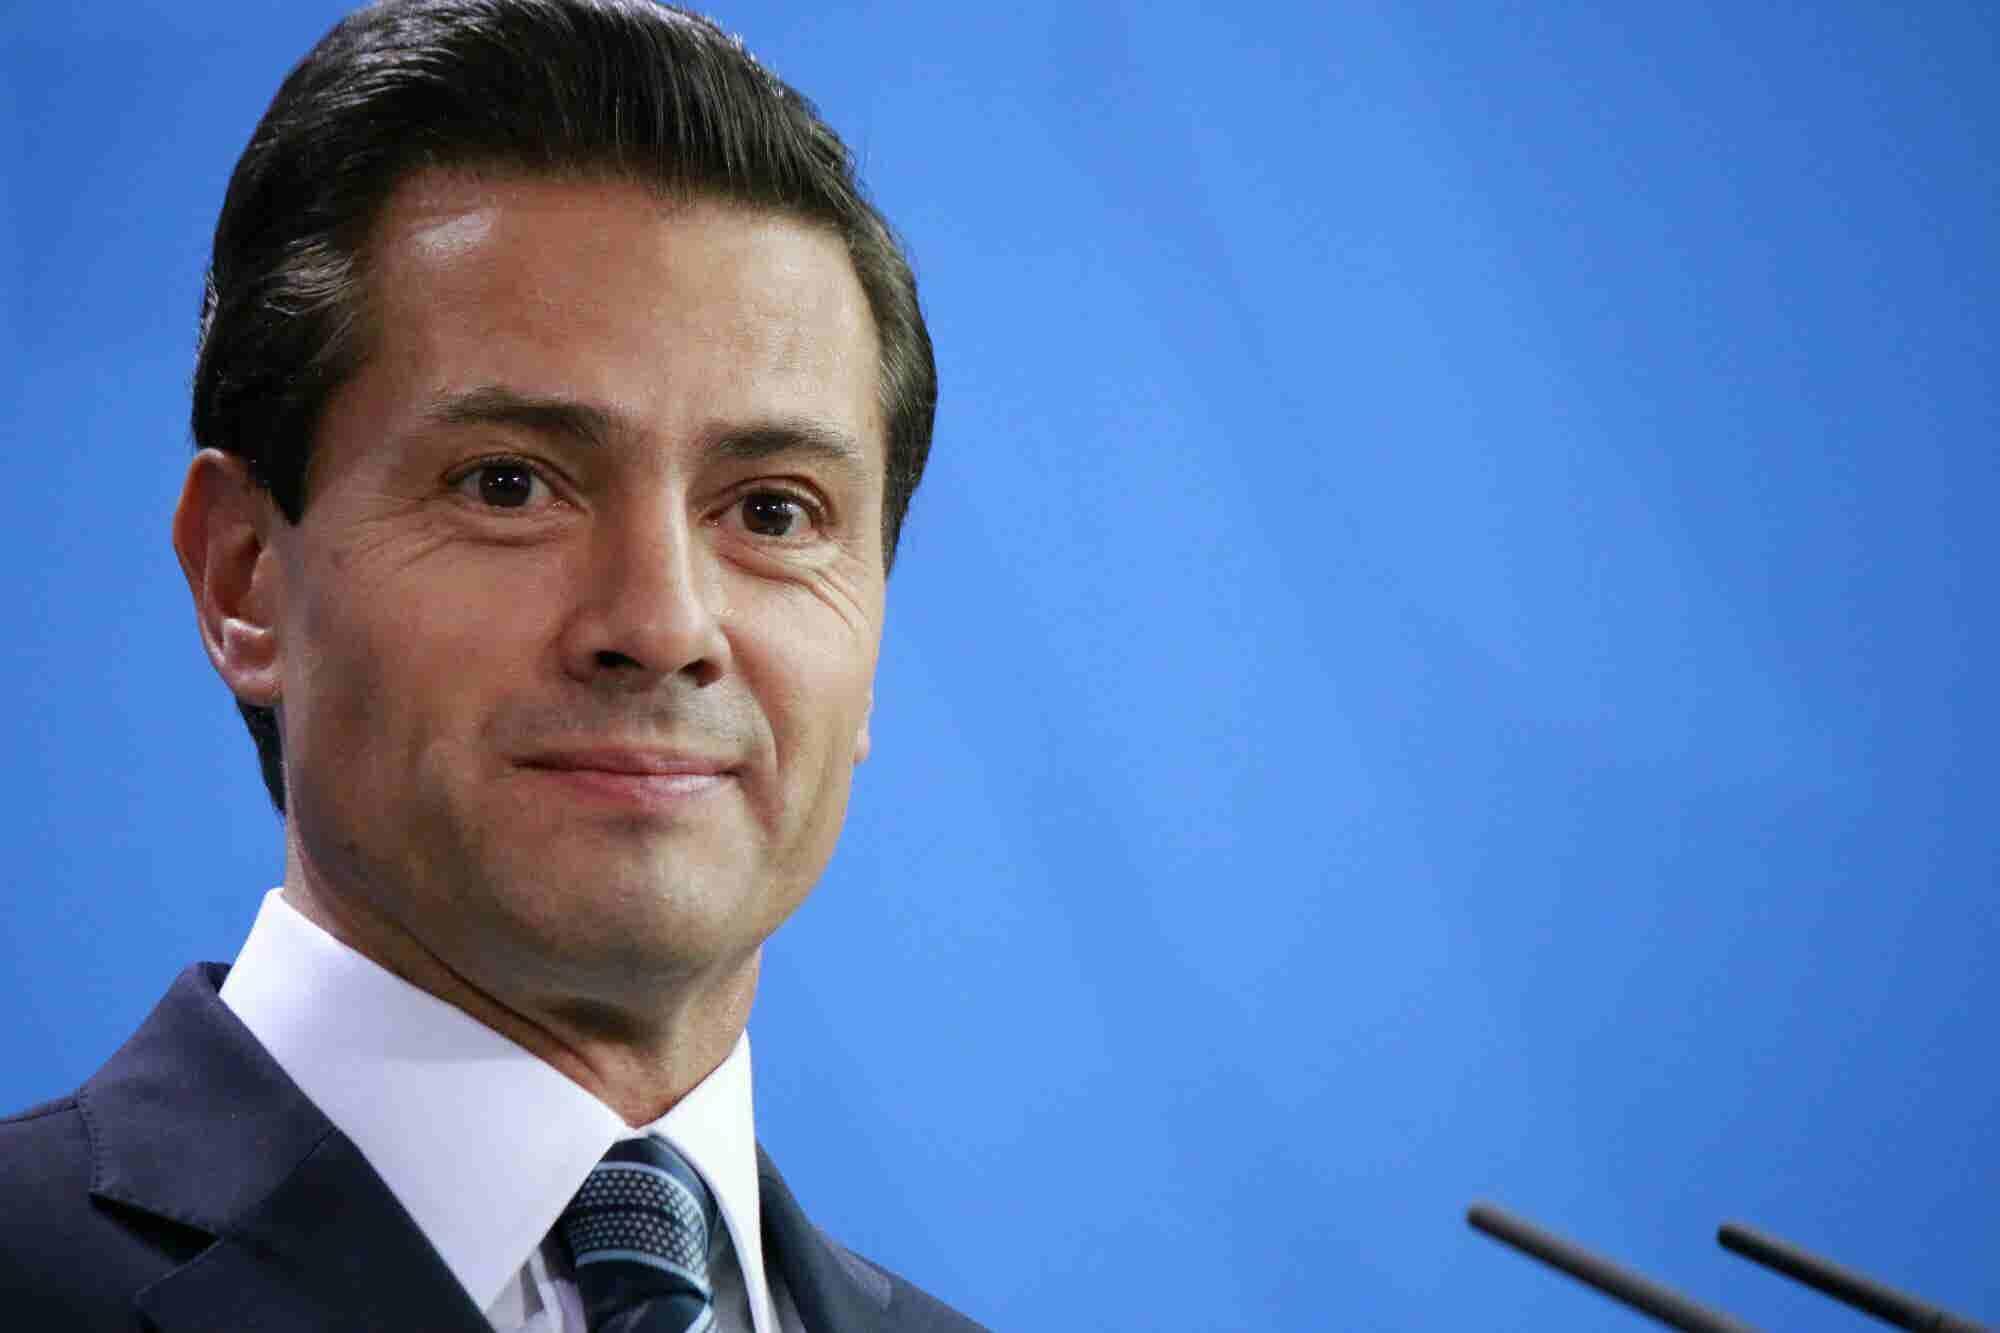 Twitter le quita a Peña Nieto 70,000 seguidores y 22,000 a López Obrador